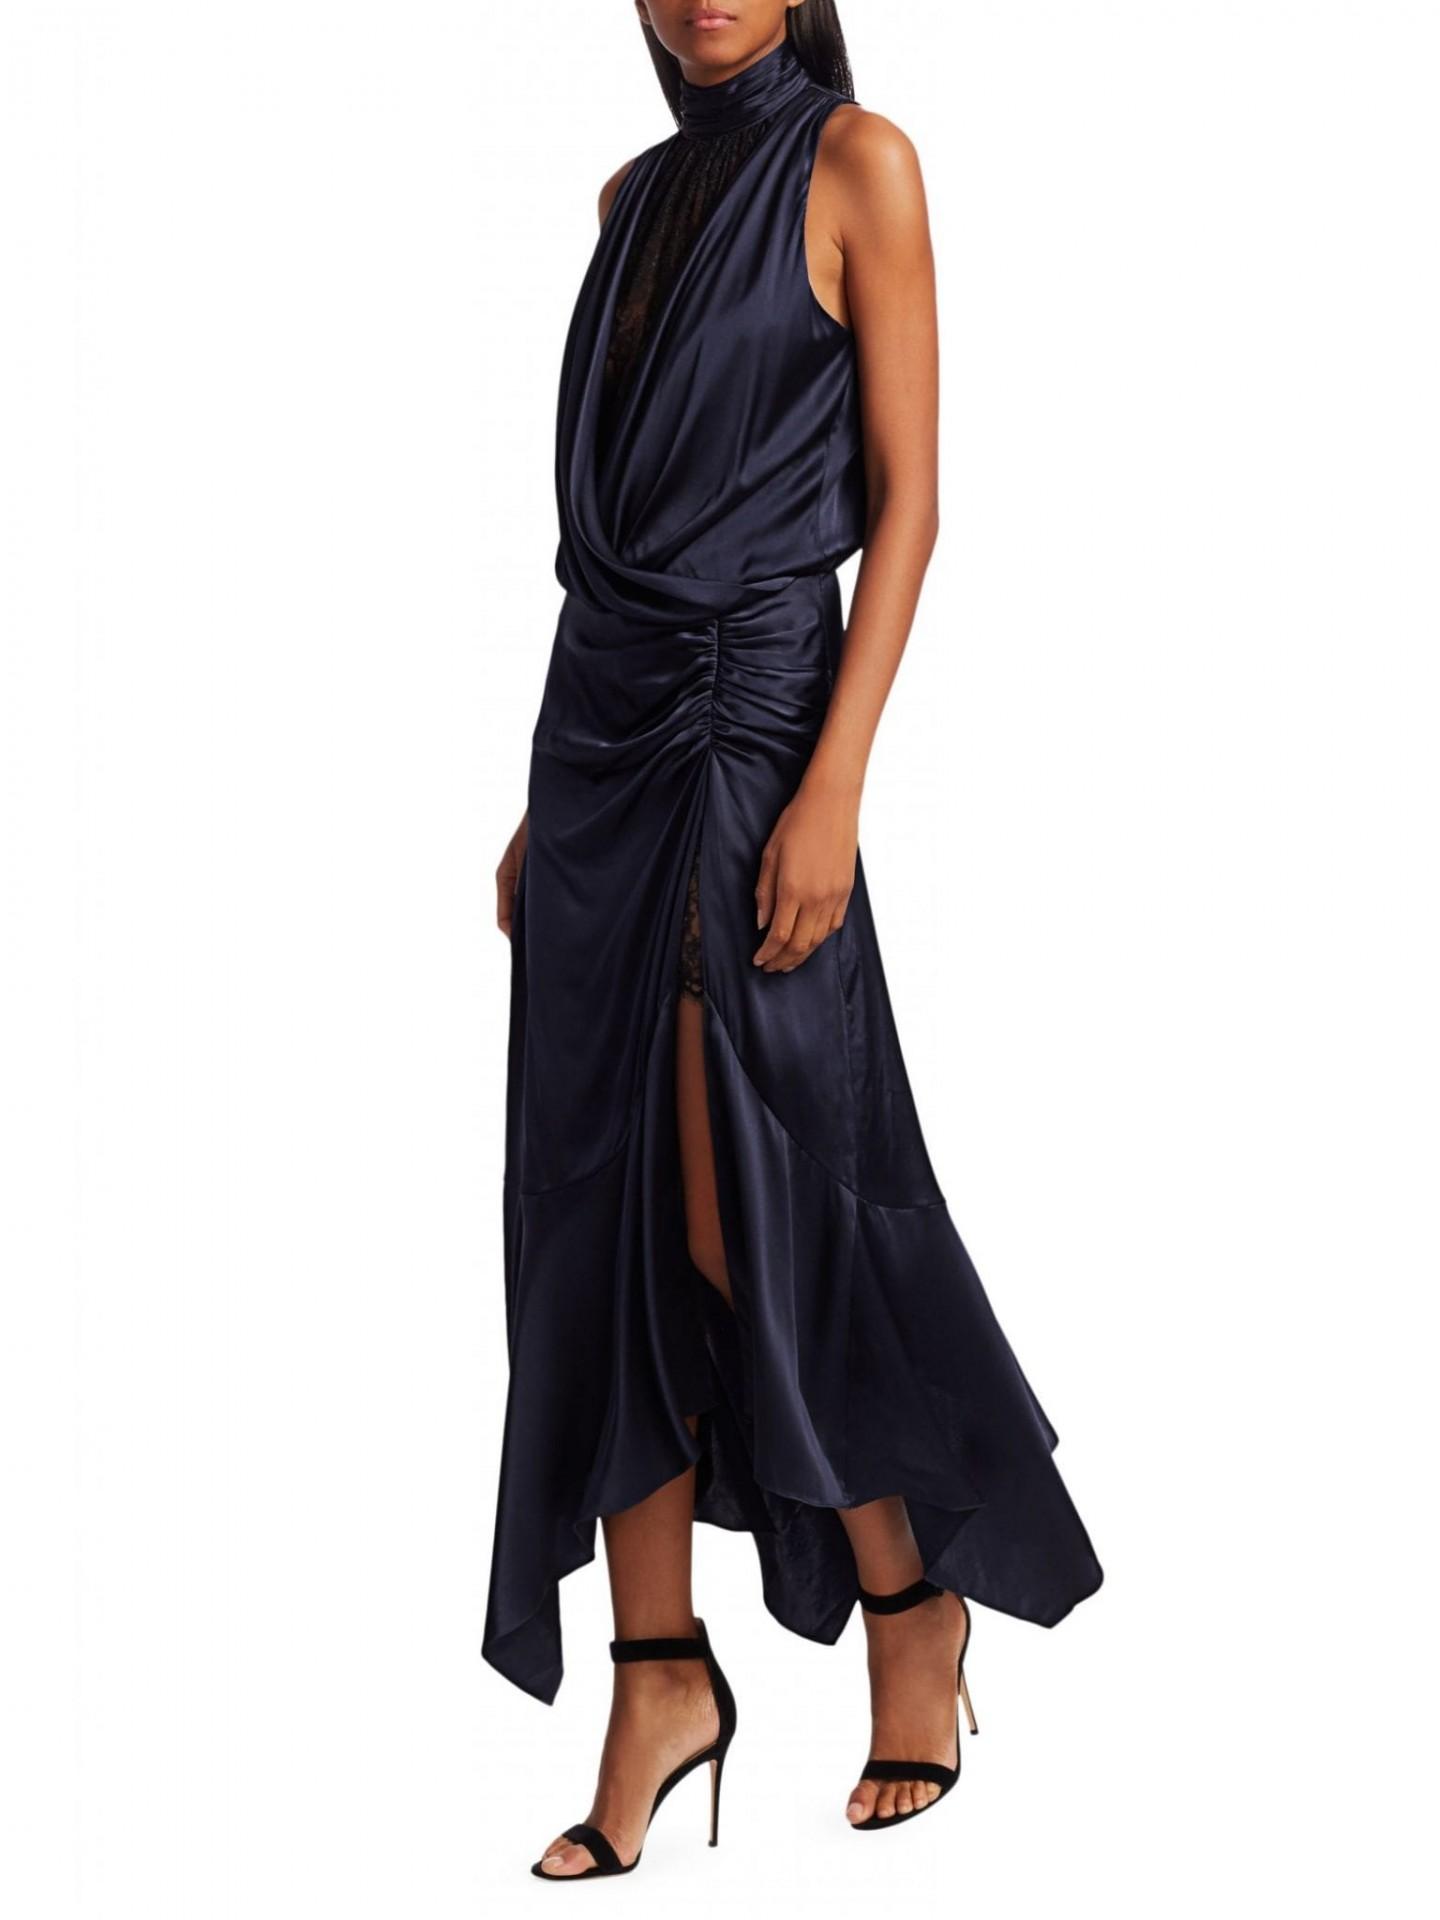 JONATHAN SIMKHAI Lace & Silk Side Slit Ruffle Hem Dress